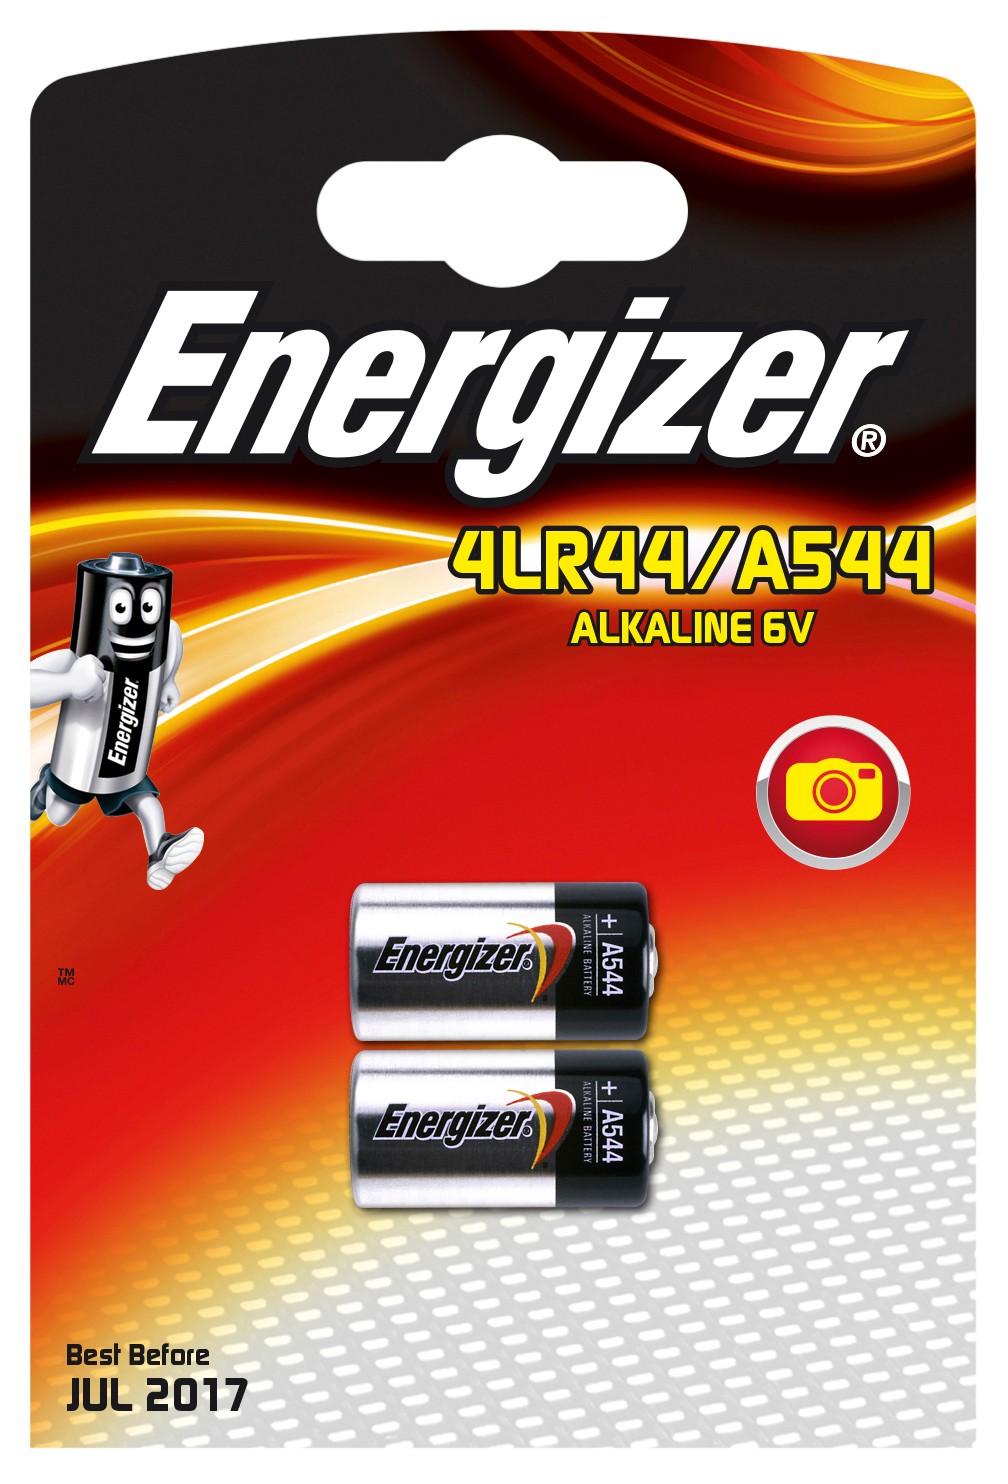 235407 : Energizer ALP44/A544 batteri (2 stk)